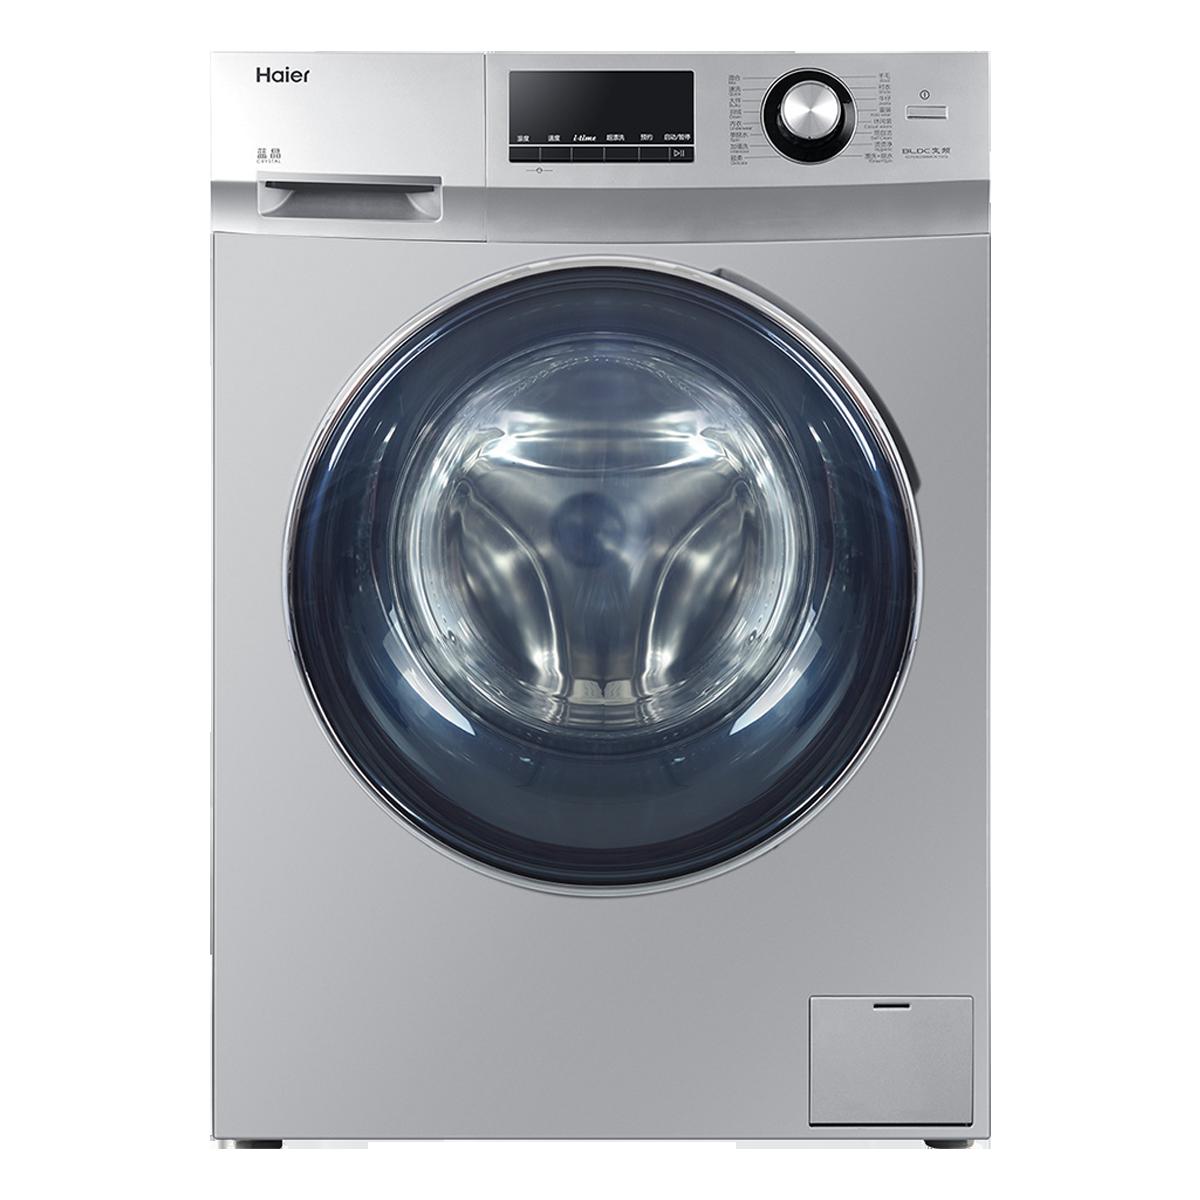 海尔Haier洗衣机 G70629BKX10S 说明书